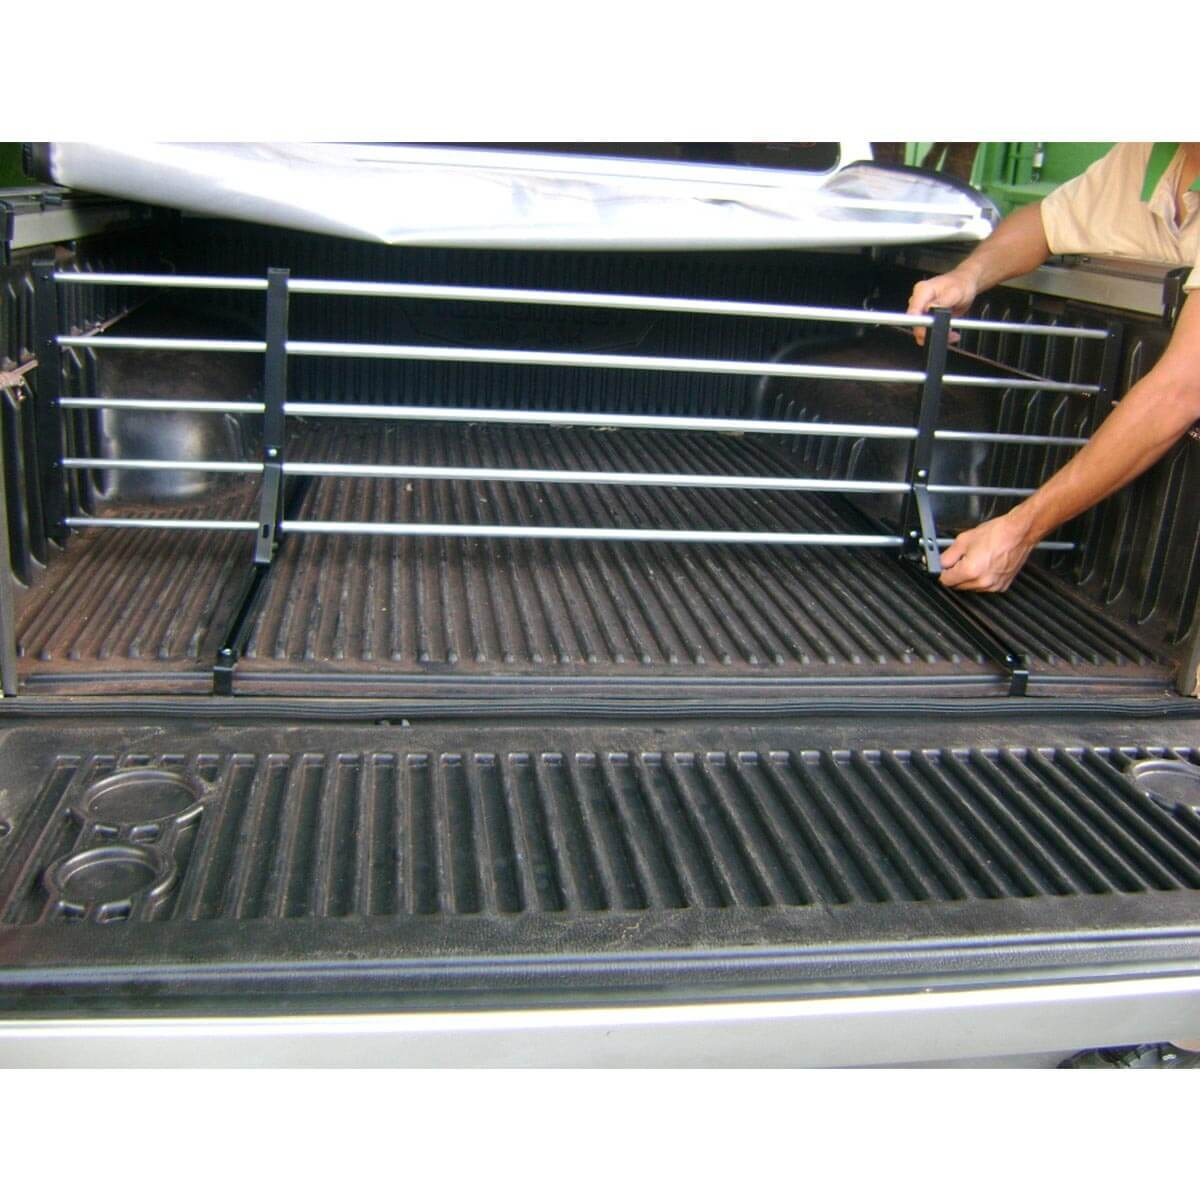 Divisor separador de cargas caçamba Amarok 2011 a 2021